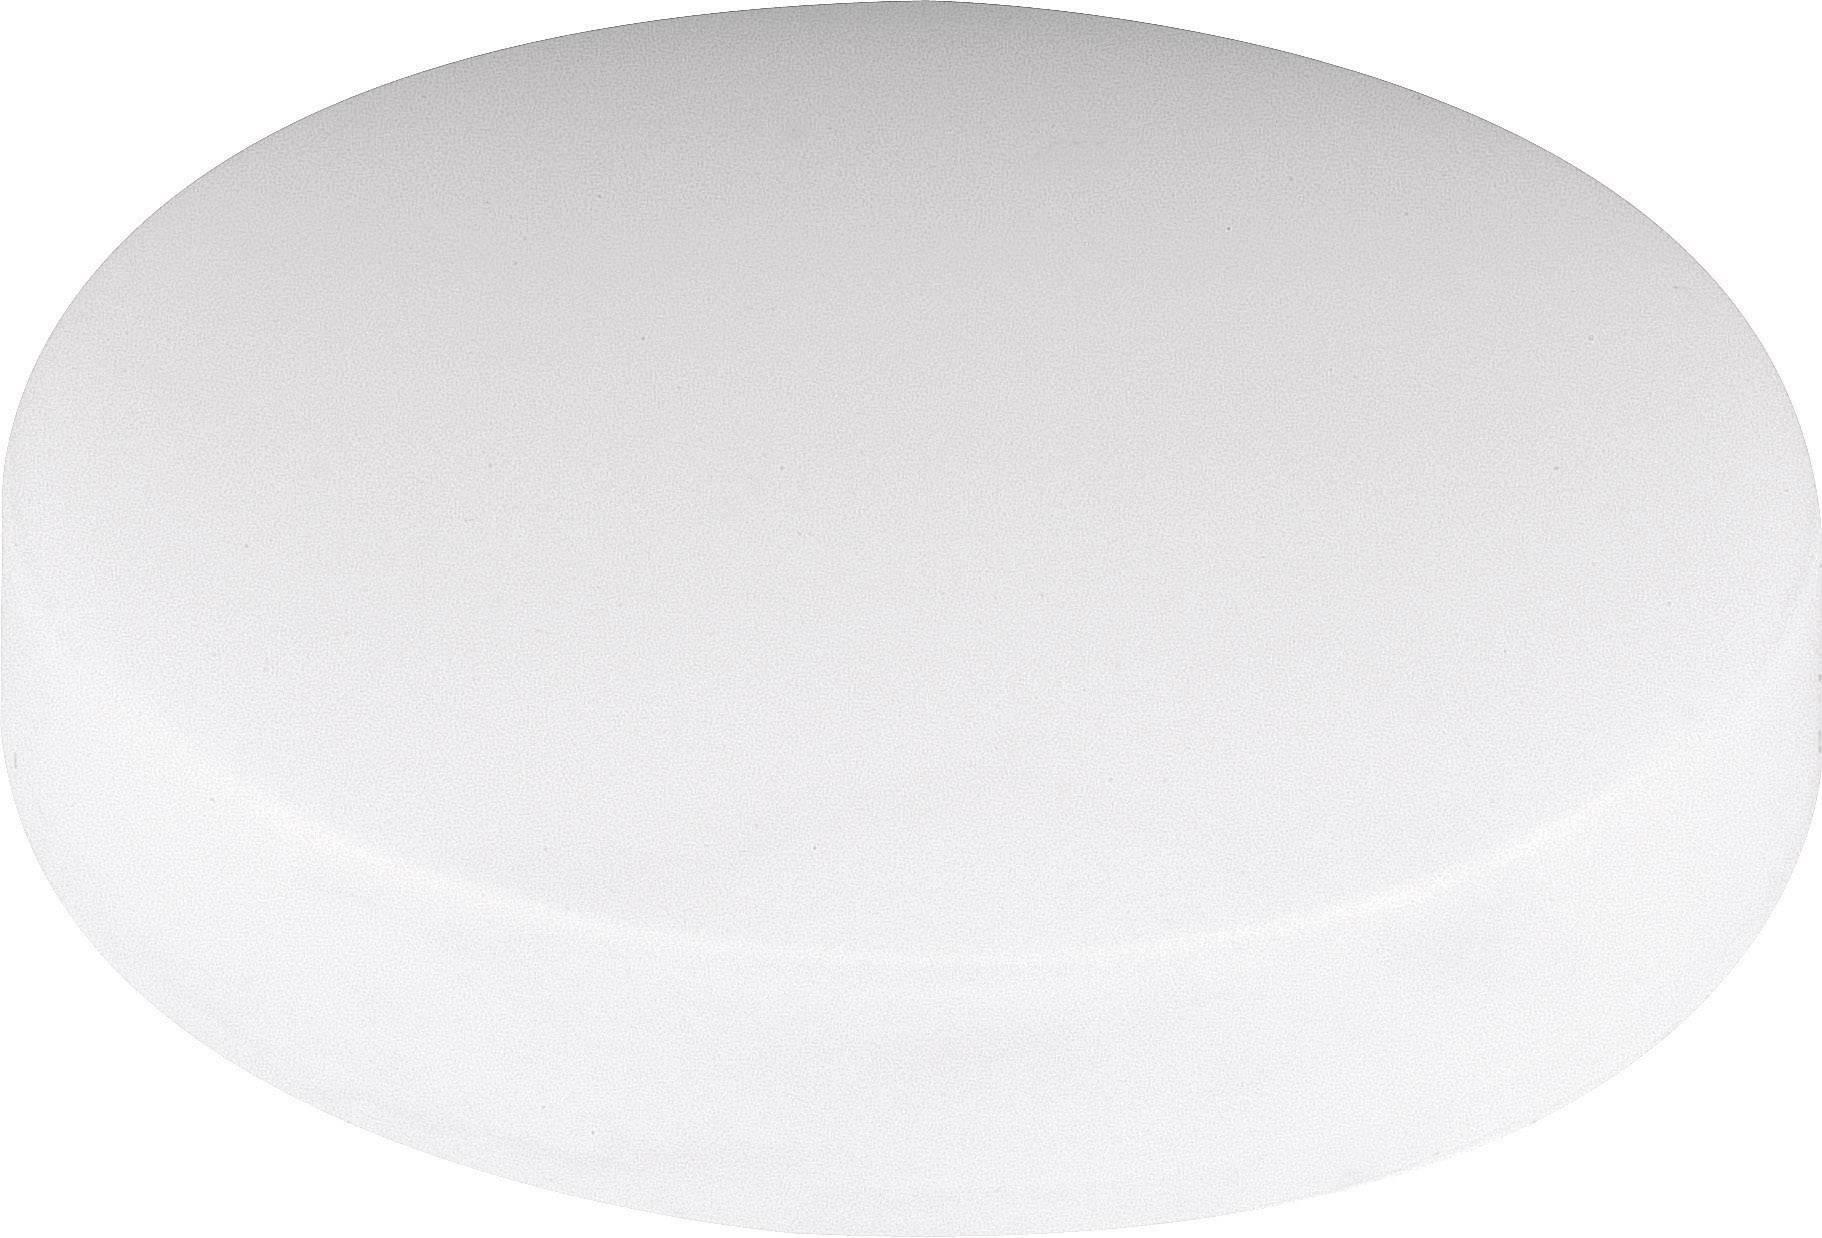 Svetelný poklop Mentor 2450.0600, opálová, vhodný pre reflektor 12 mm